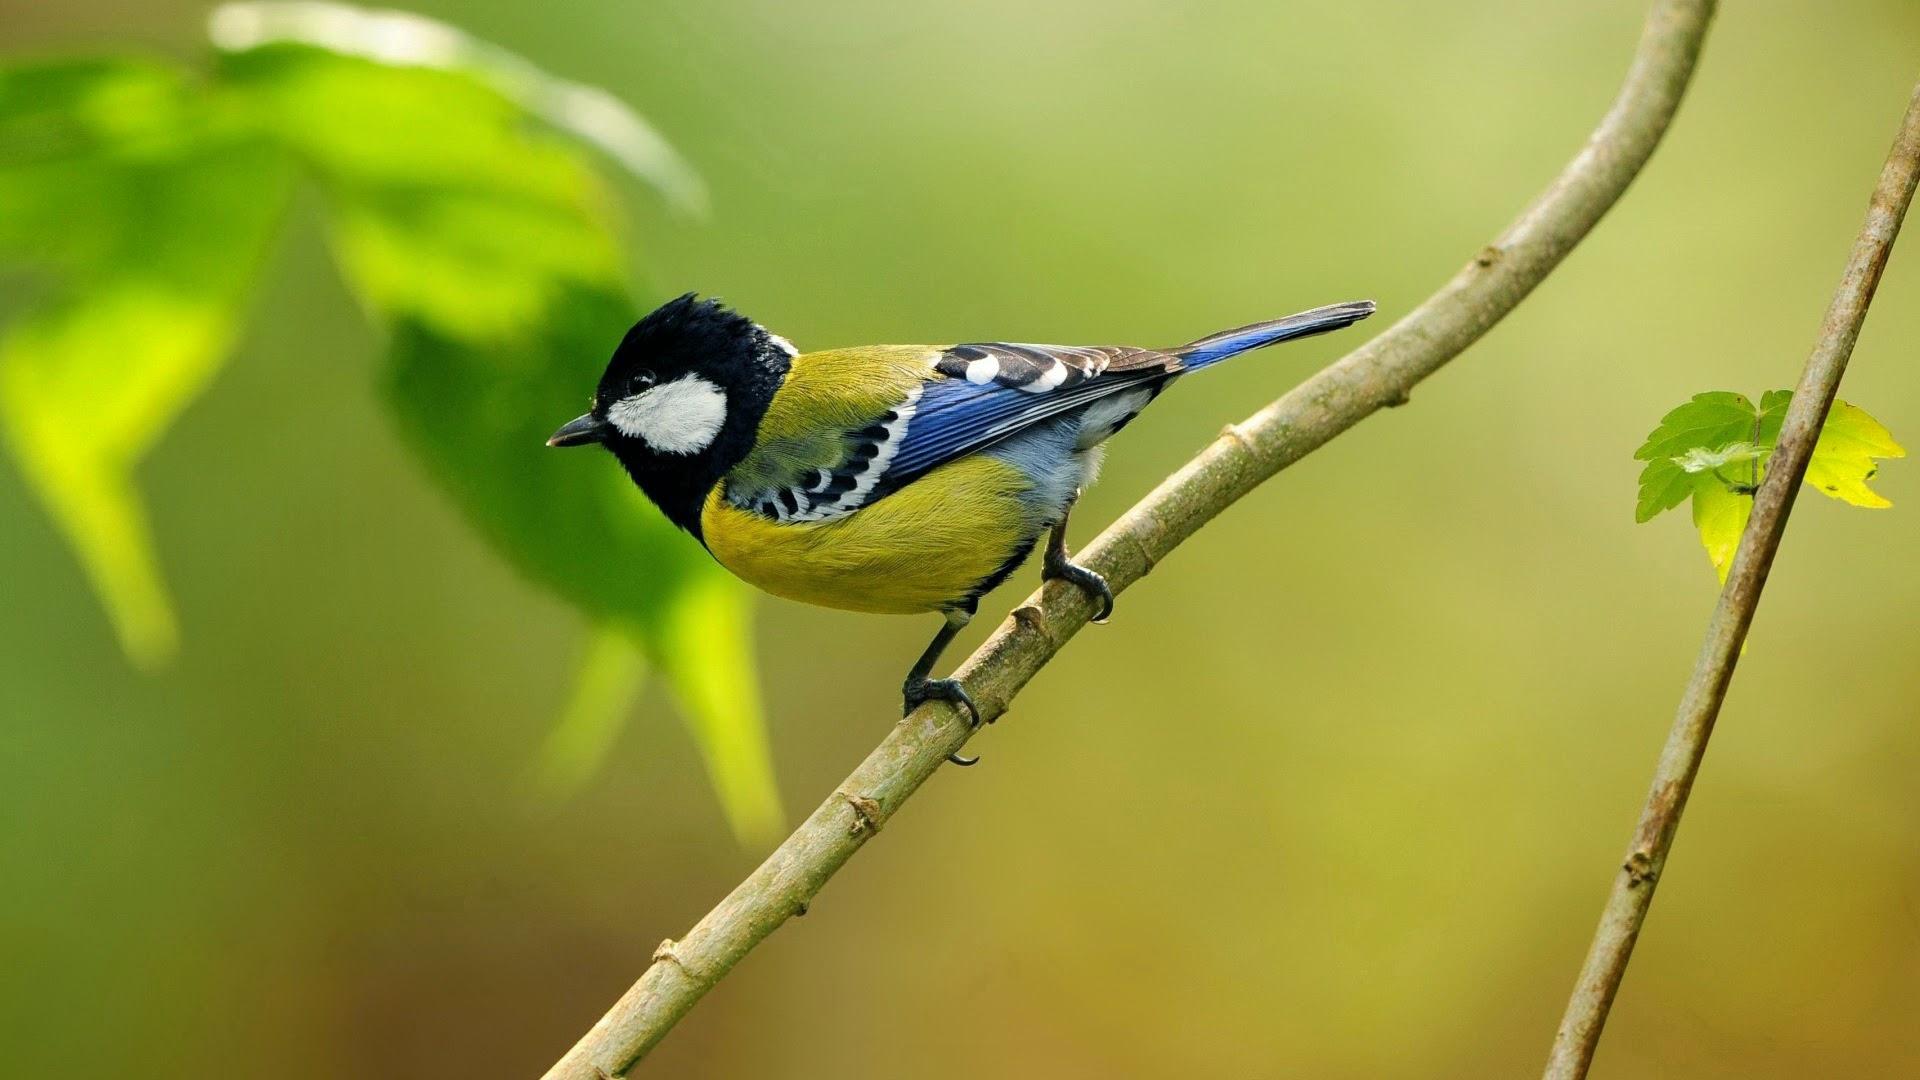 خلفيات طيور HD - صور طيور جميلة - خلفيات طيور نقية لسطح المكتب 2013